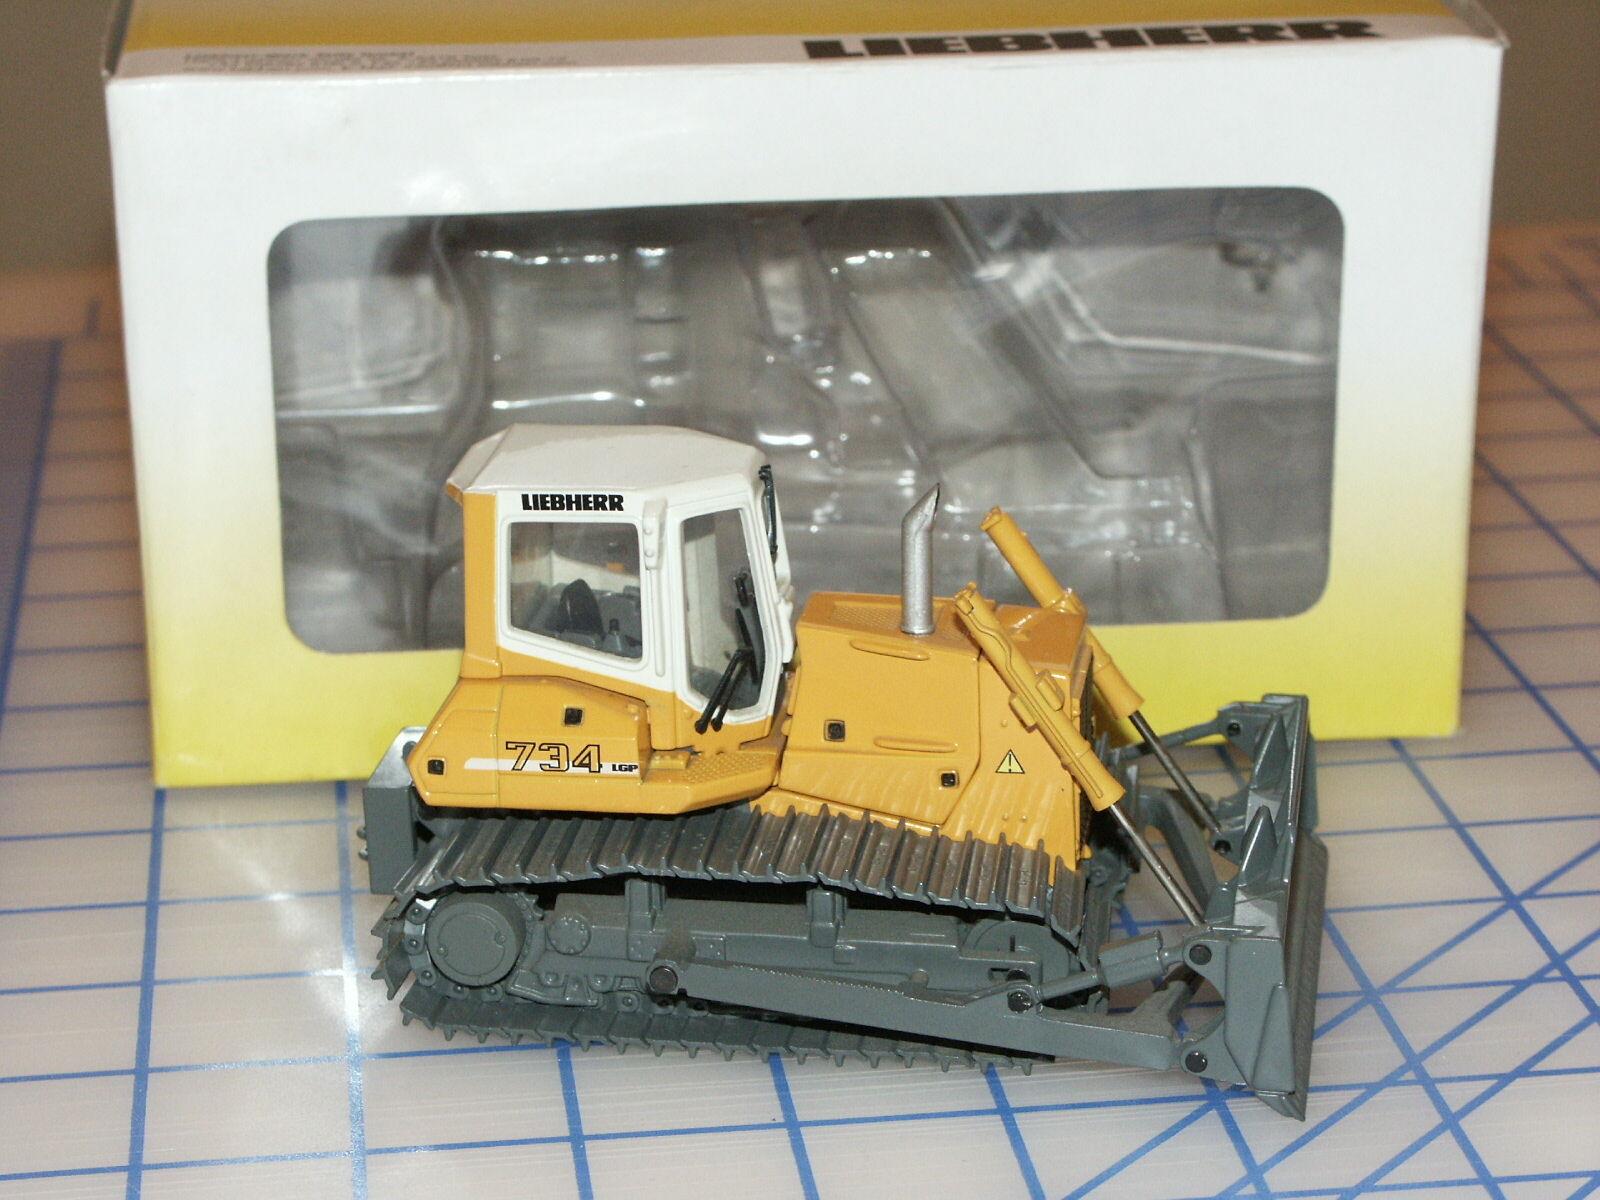 descuento de ventas en línea Liebherr Power Rangers LGP LGP LGP Litronic Crawler Tractor de 734 1 50 por Brami  marca